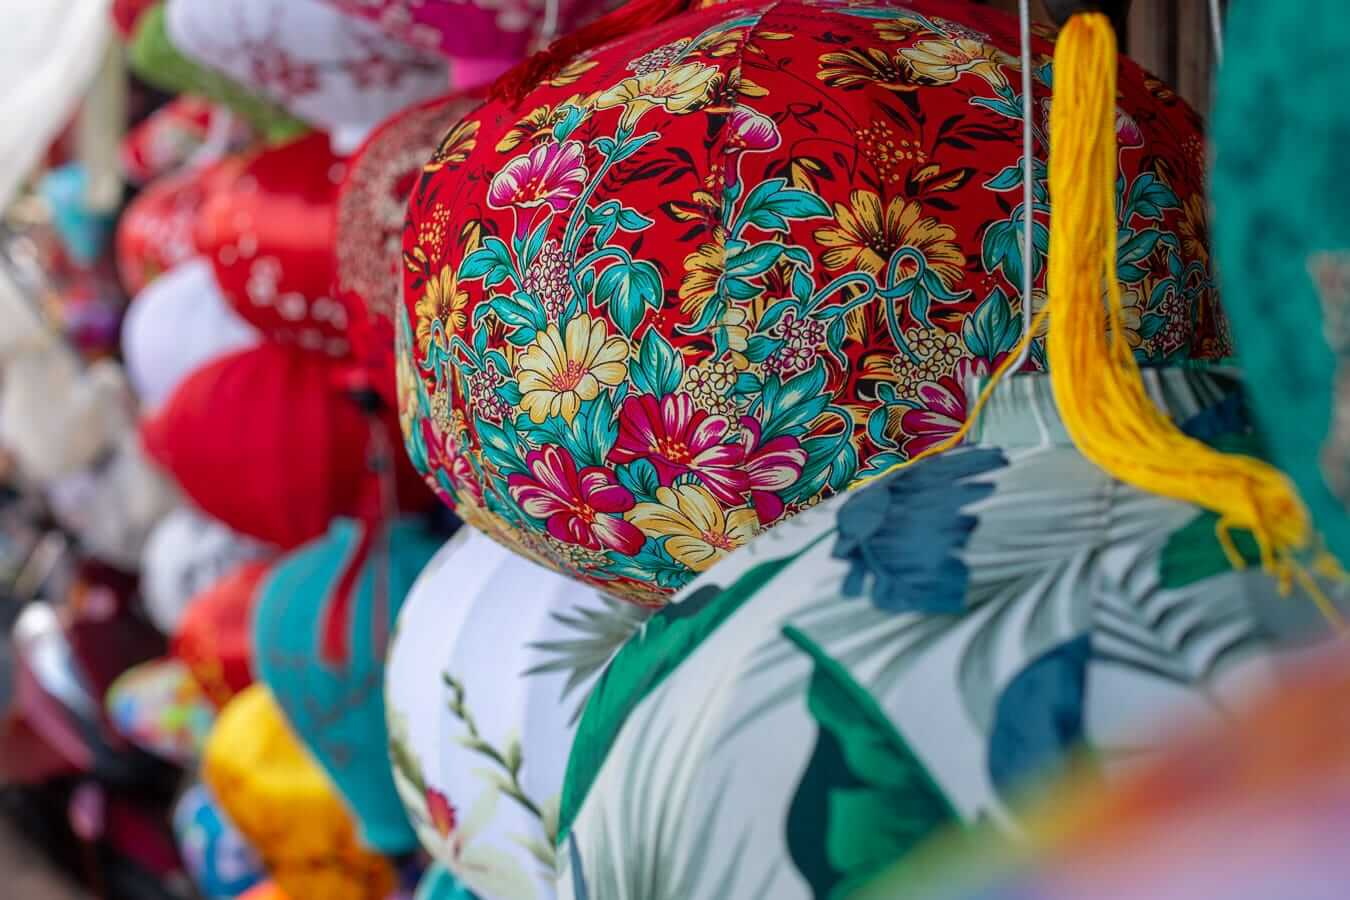 Decorated lanterns: lantern shopping